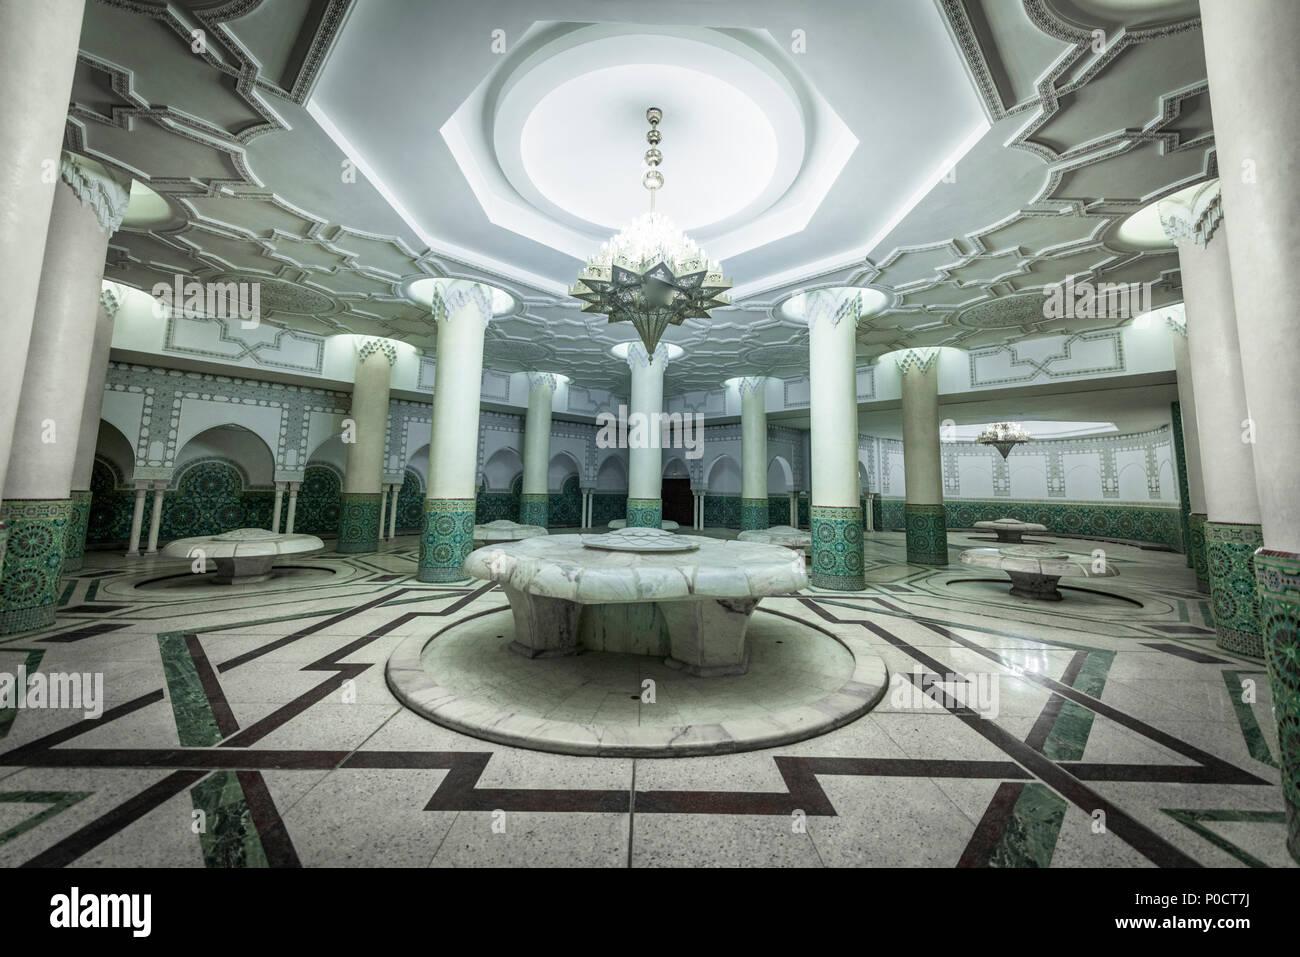 Serviette Qui Pue Salle De Bain ~ Vue De L Int Rieur Une Salle De Bain Grande Mosqu E Hassan Ii